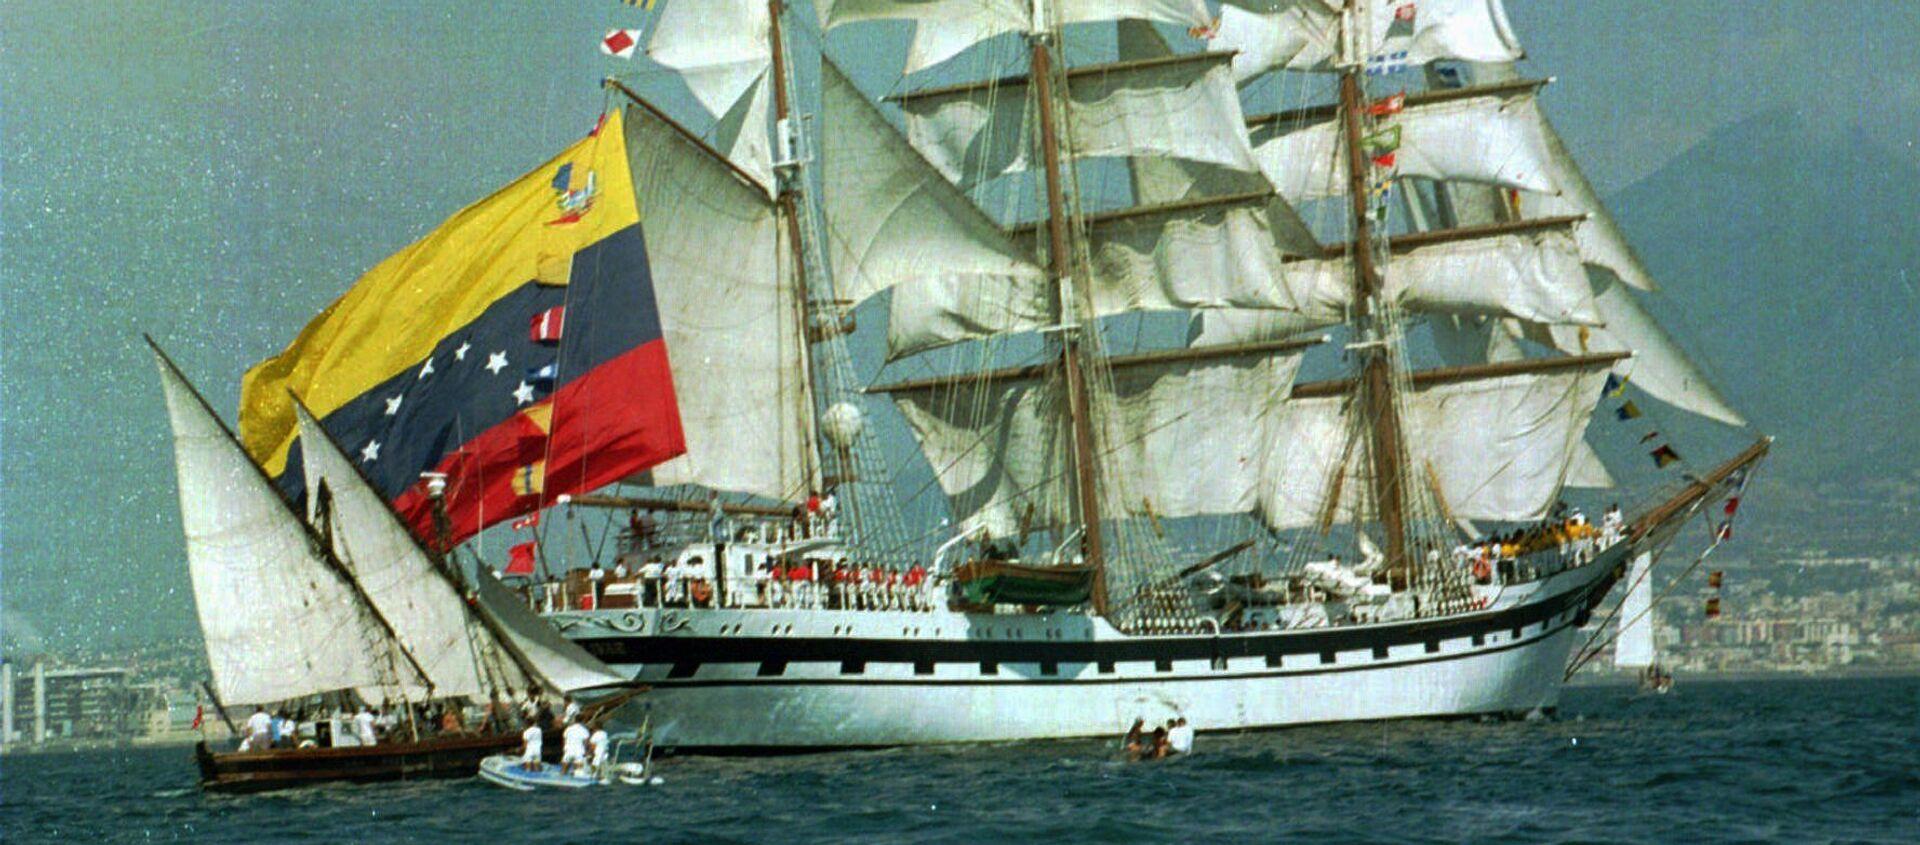 Un barco con la bandera de Venezuela (archivo) - Sputnik Mundo, 1920, 01.07.2019